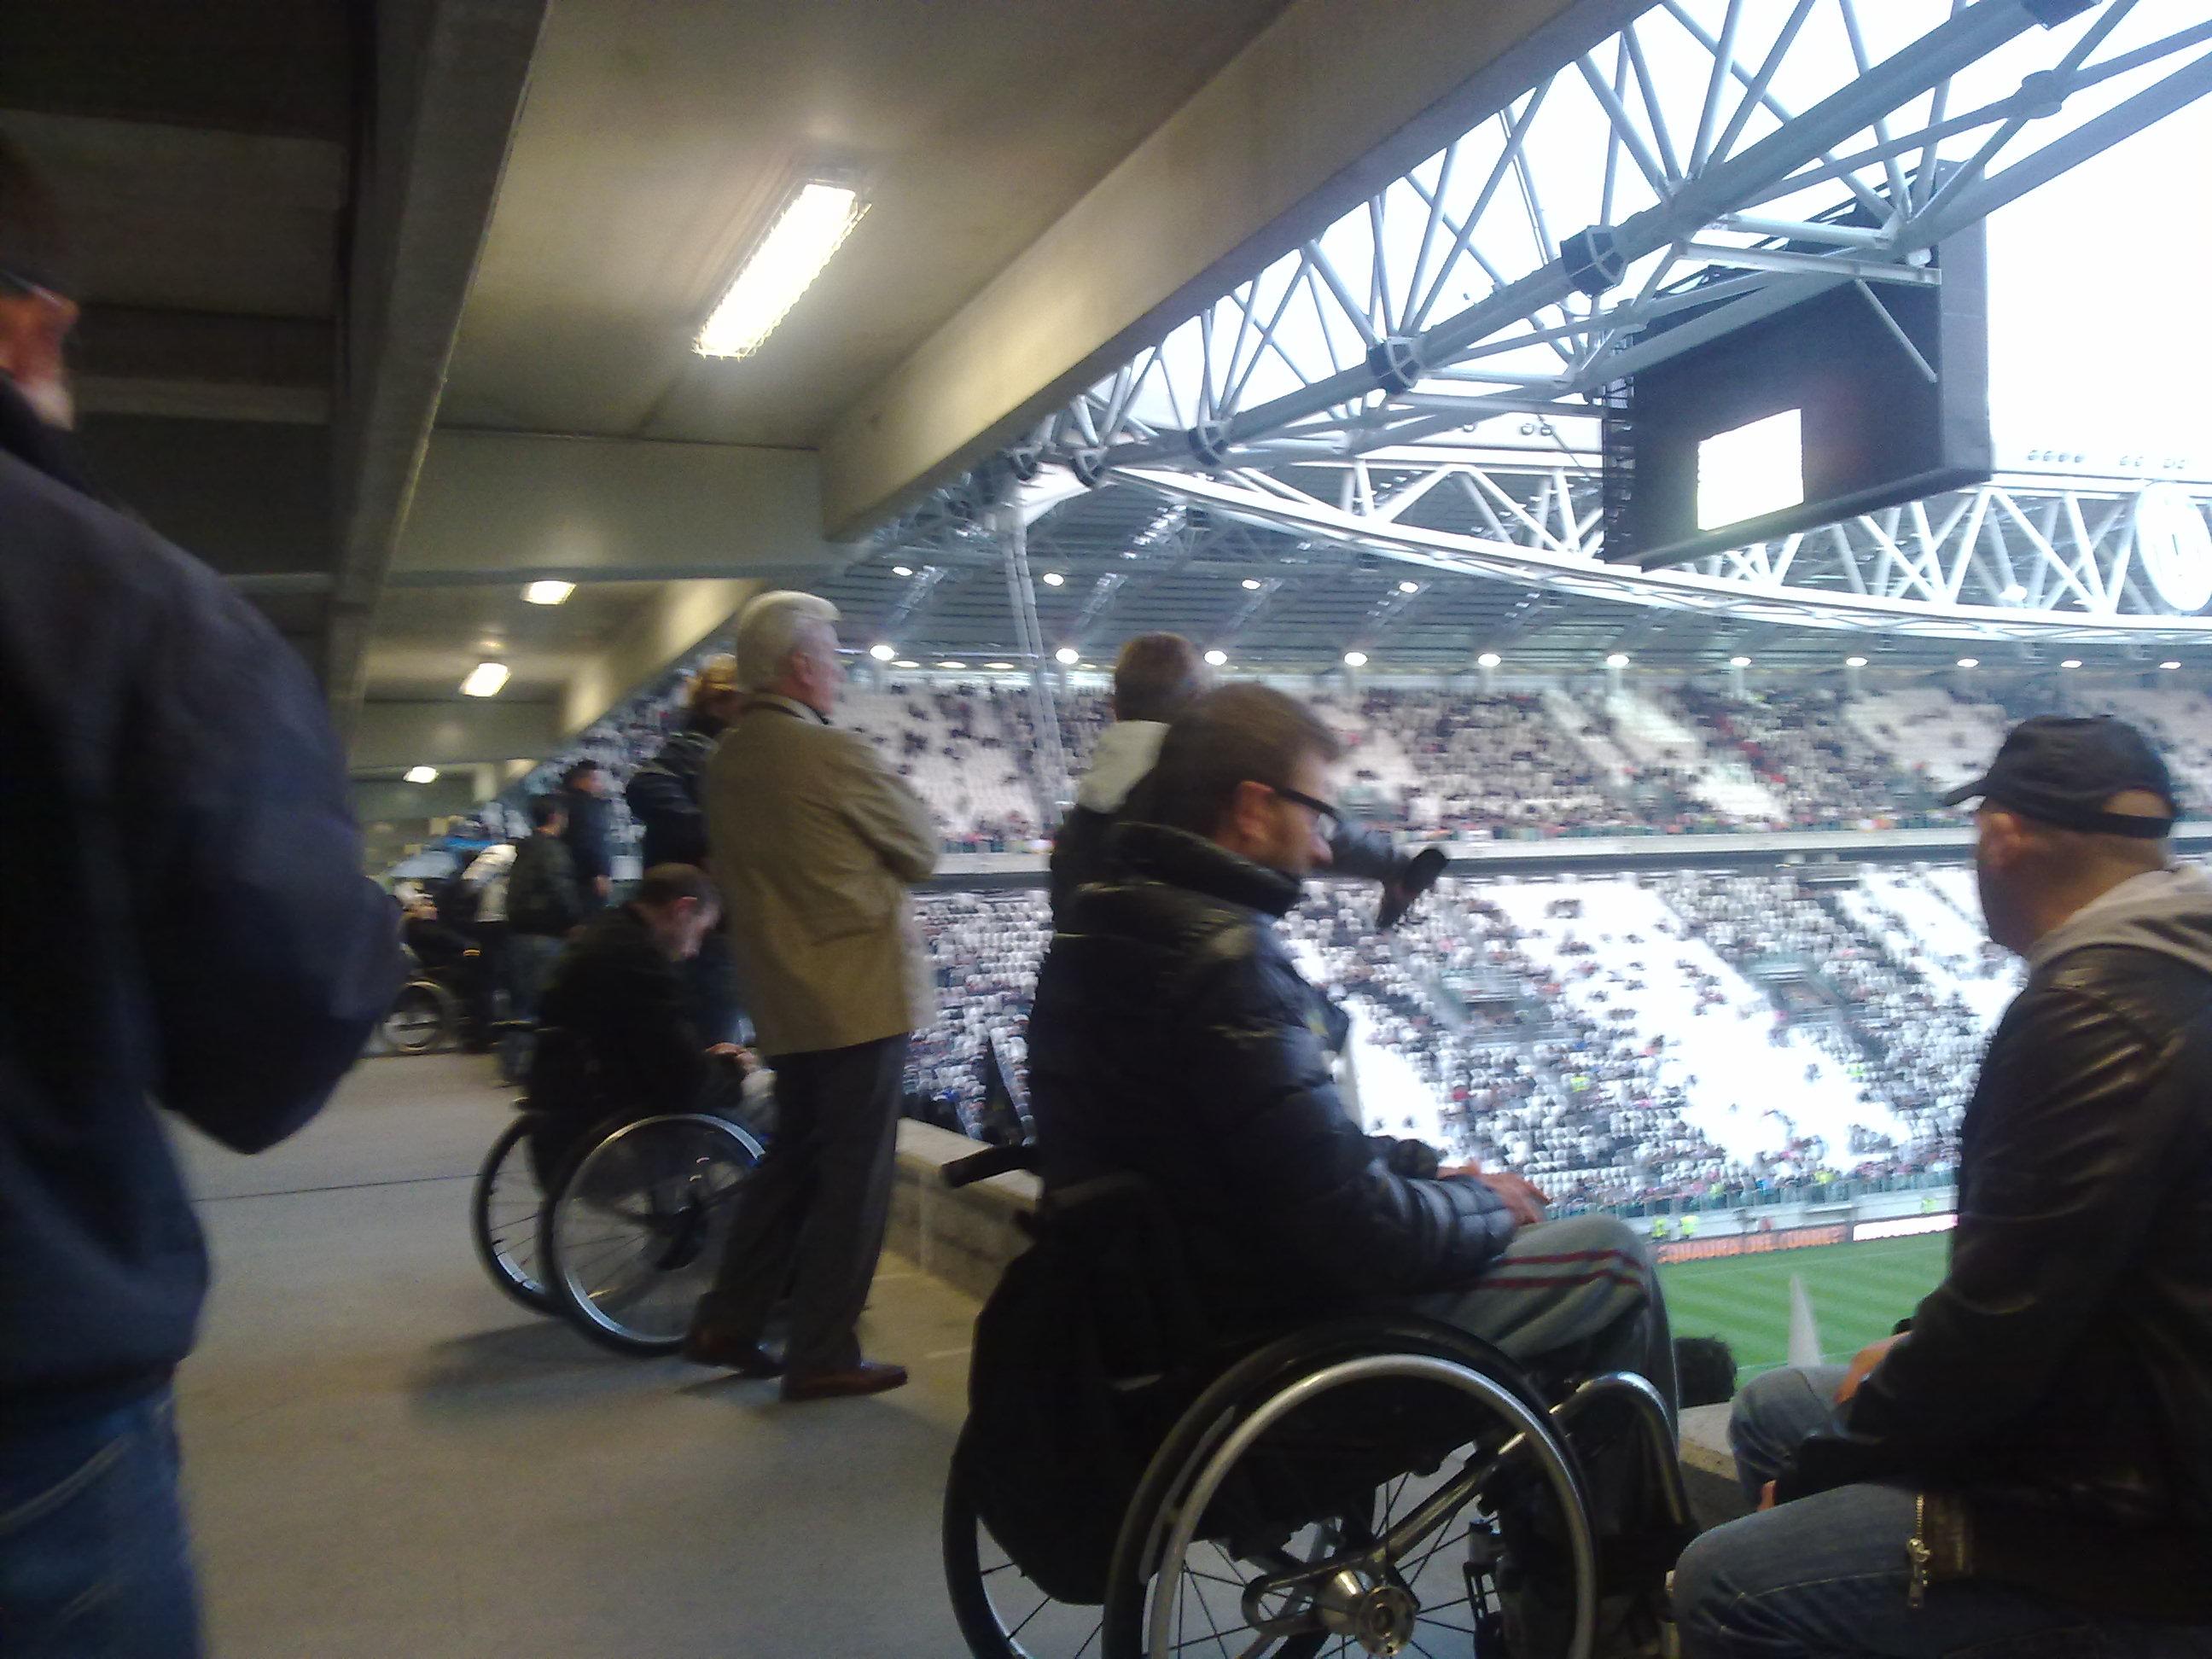 Stadi Europei di Calcio 2016 accessibilità disabili